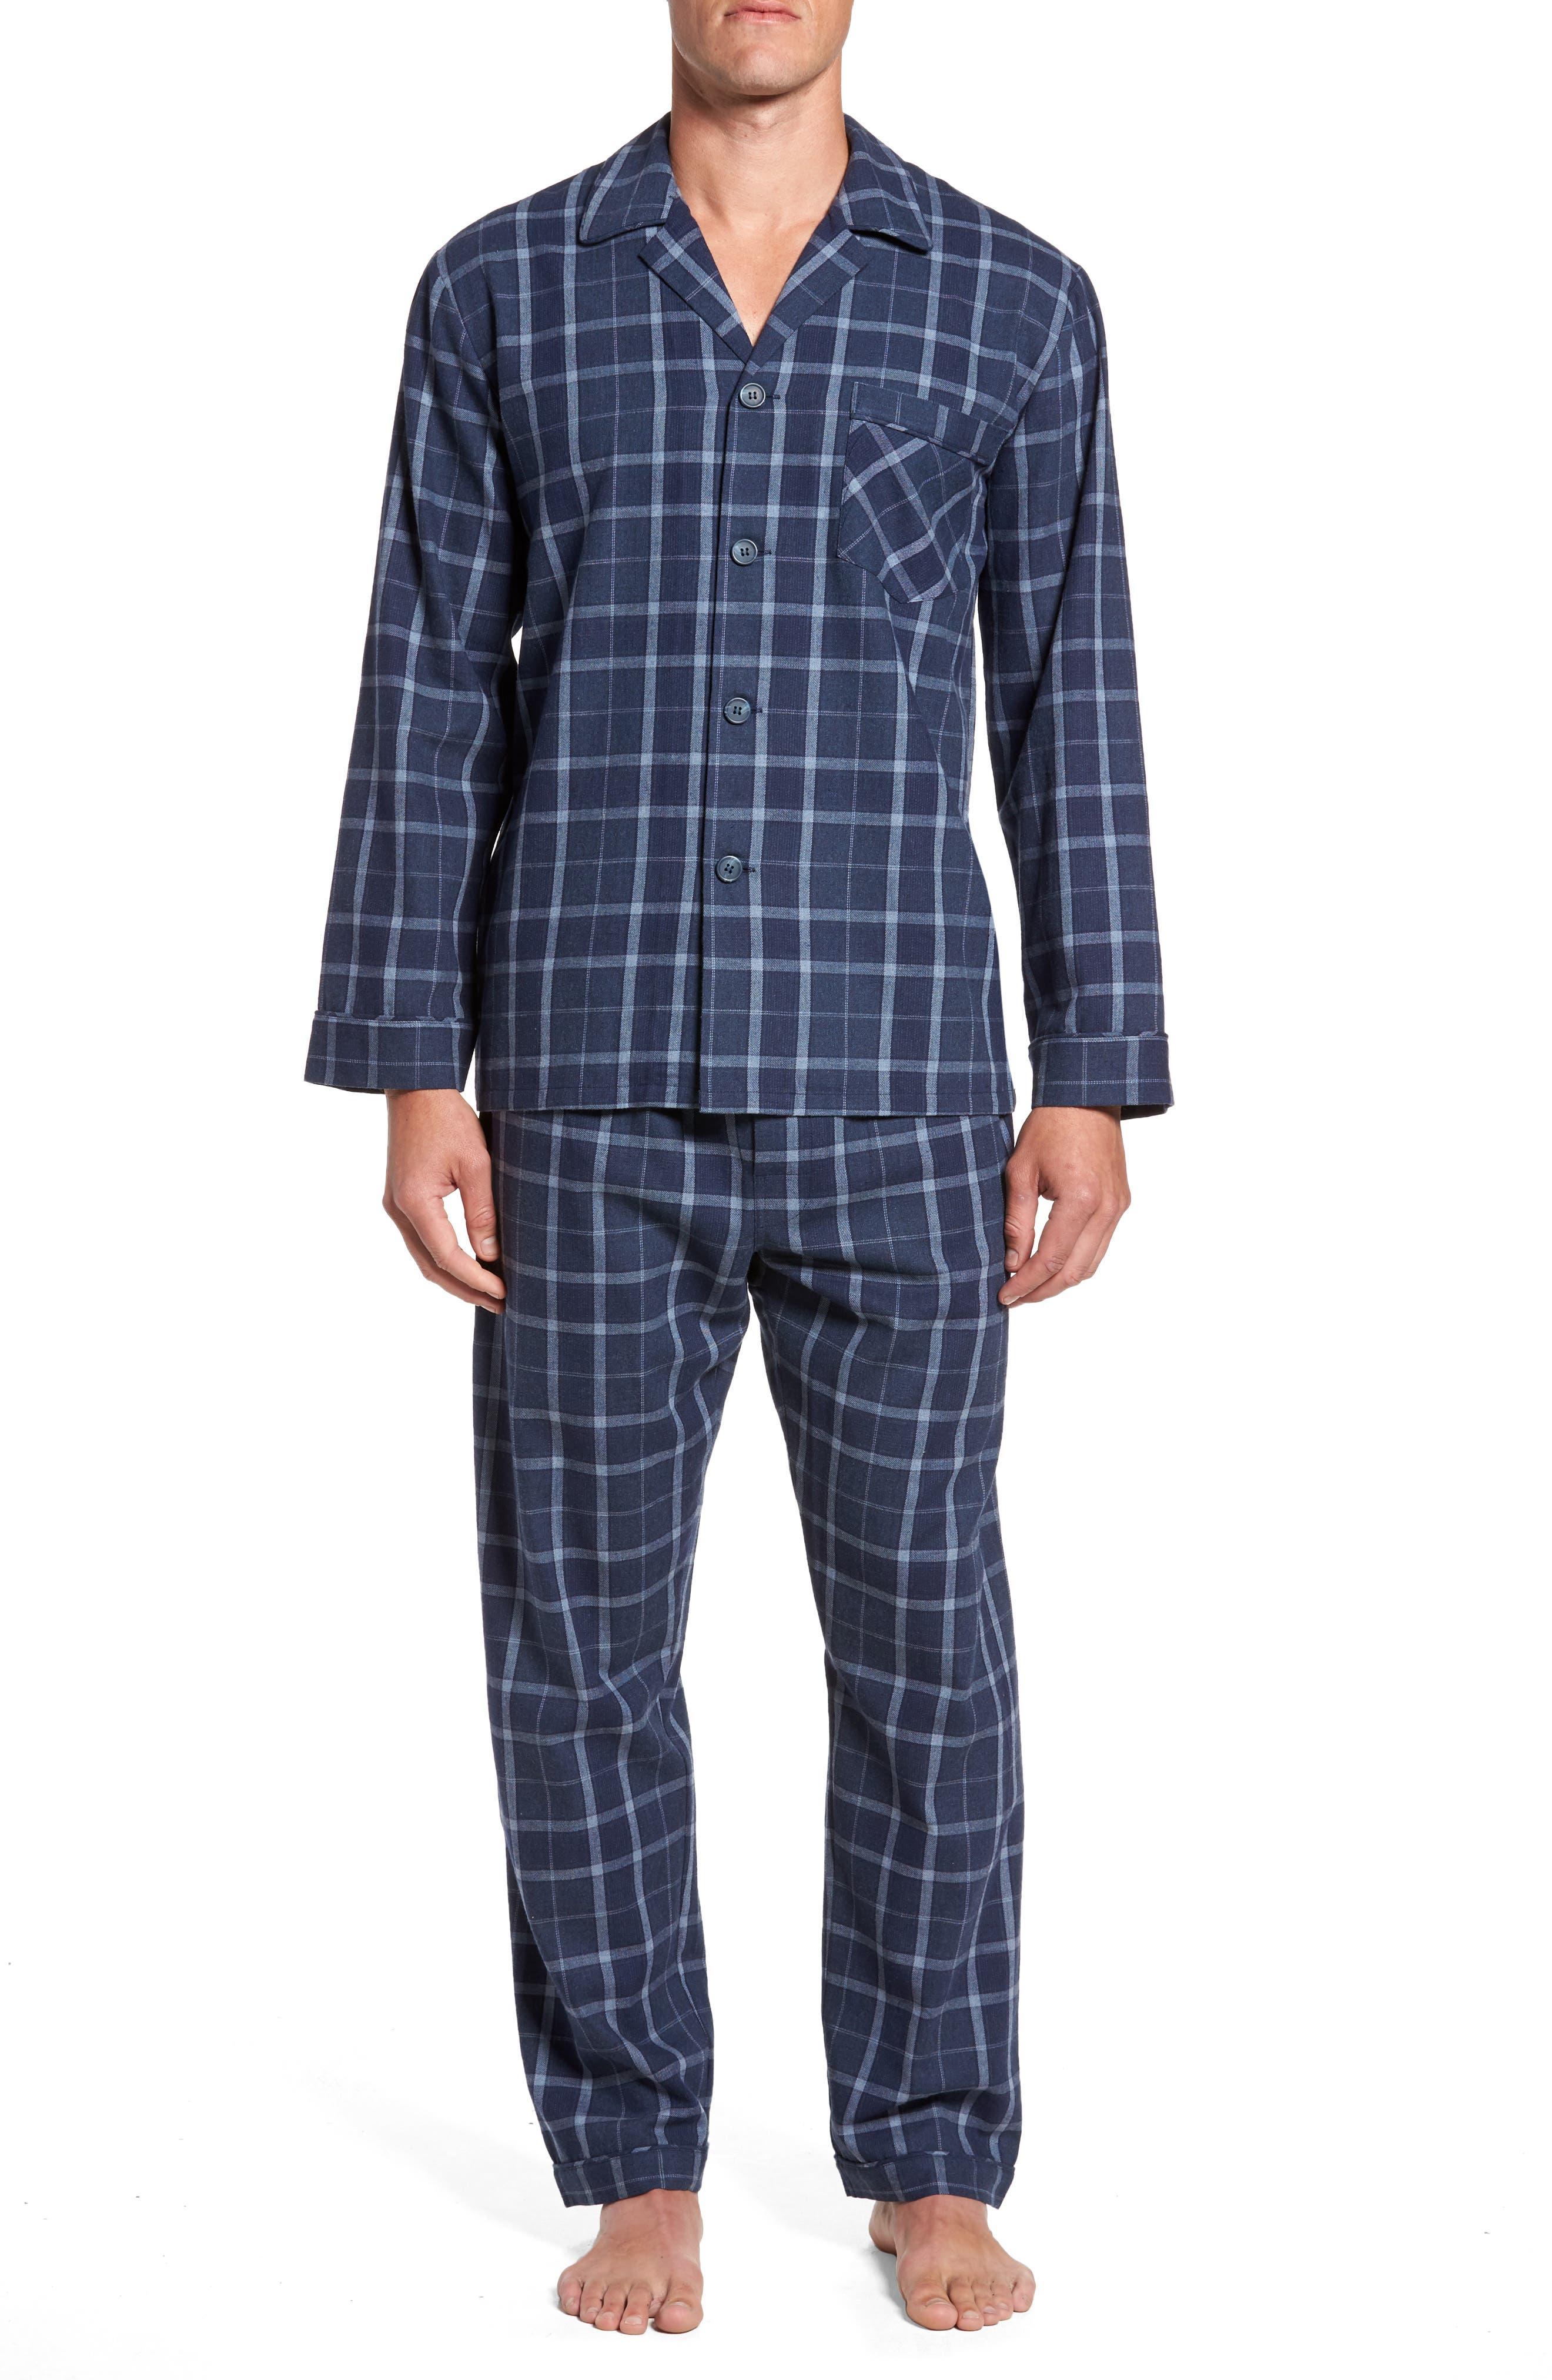 Guiness Plaid Pajama Set,                         Main,                         color, Navy